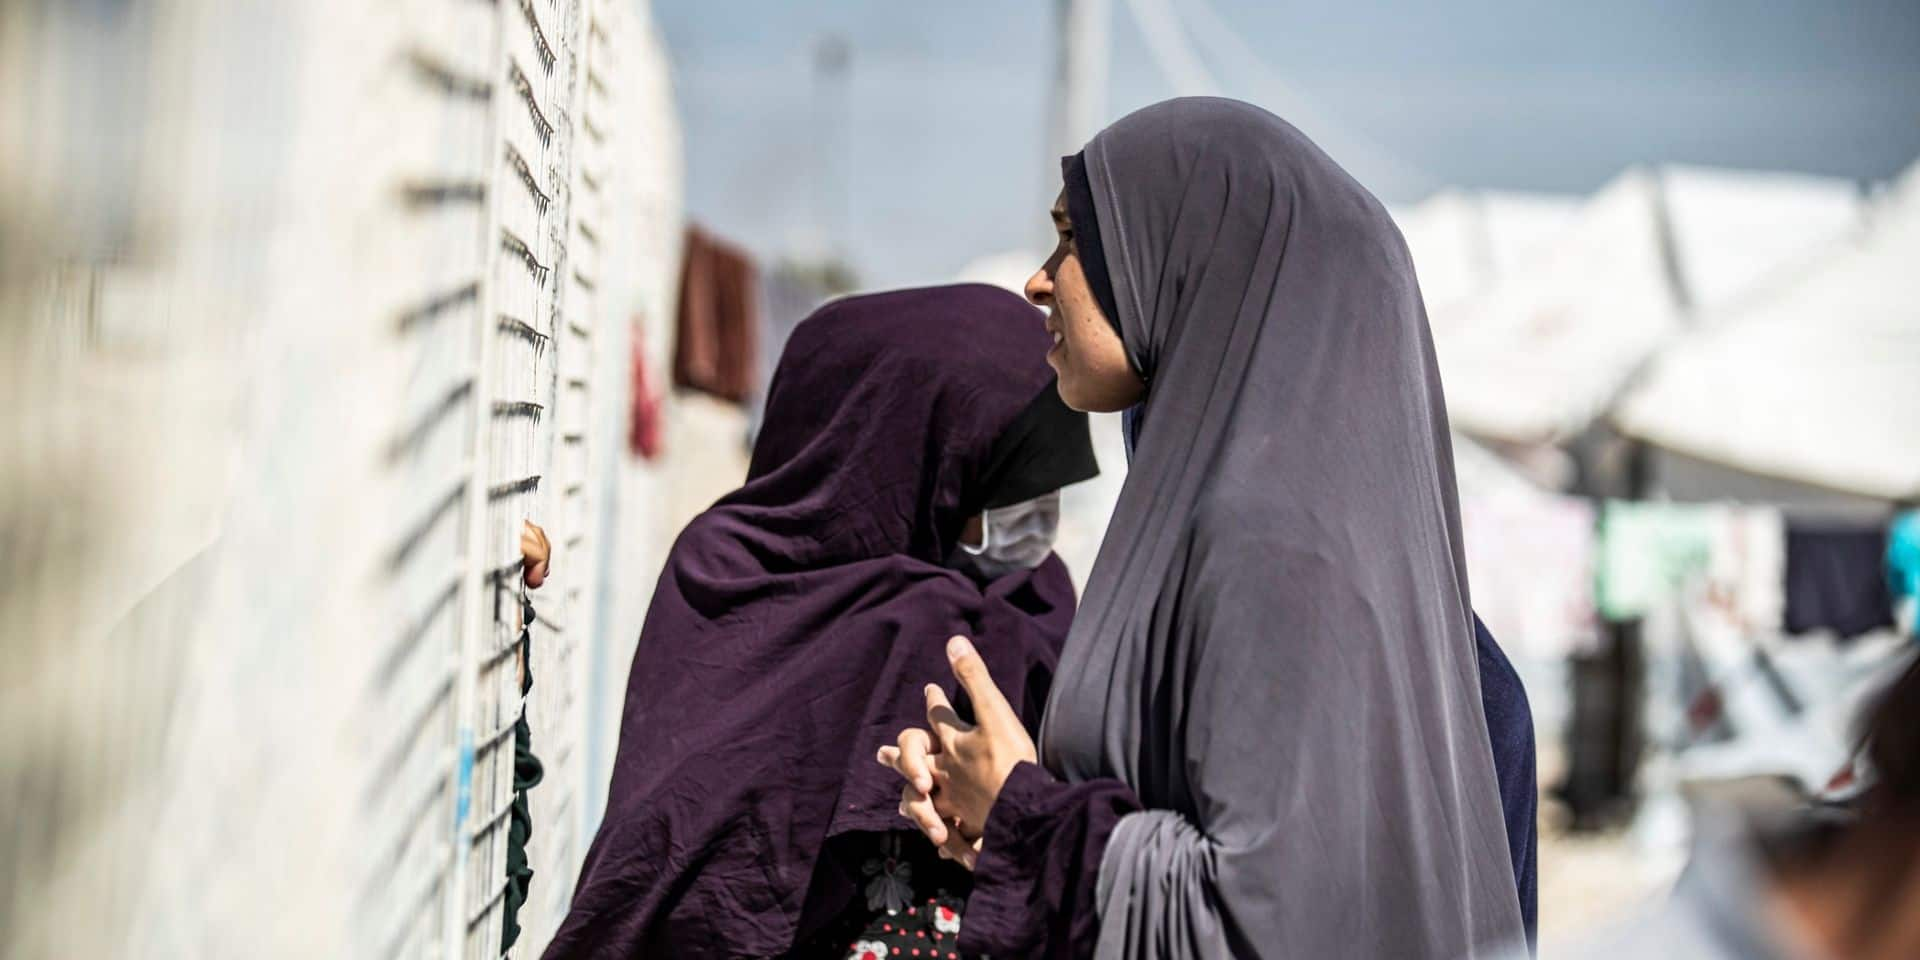 Le camp d'Al Hol, véritable poudrière djihadiste, bientôt vidé de 25 000 Syriens